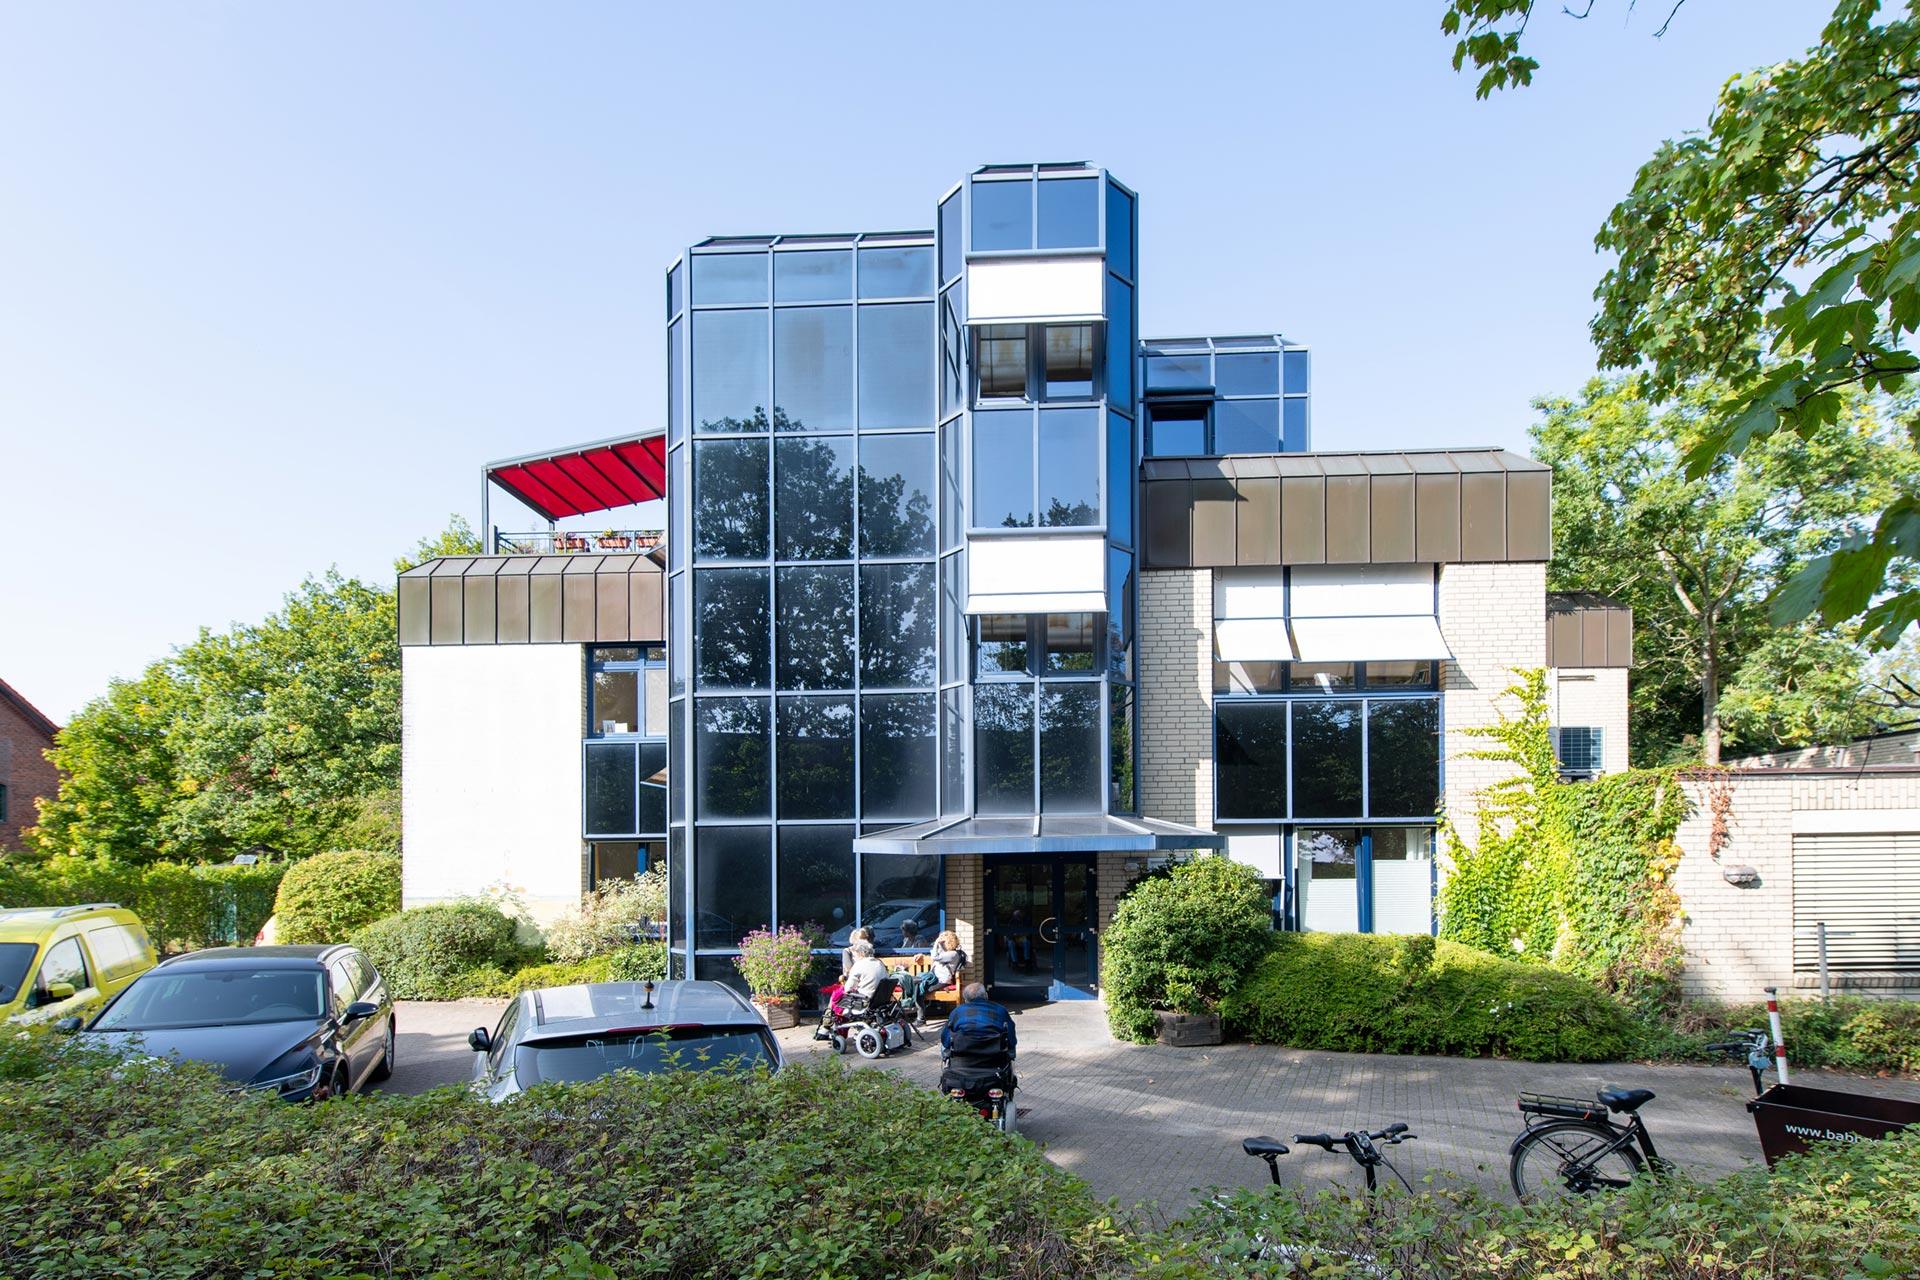 Hospiz Hamburg Hospiz Sinus Othmarschen Aussenansicht